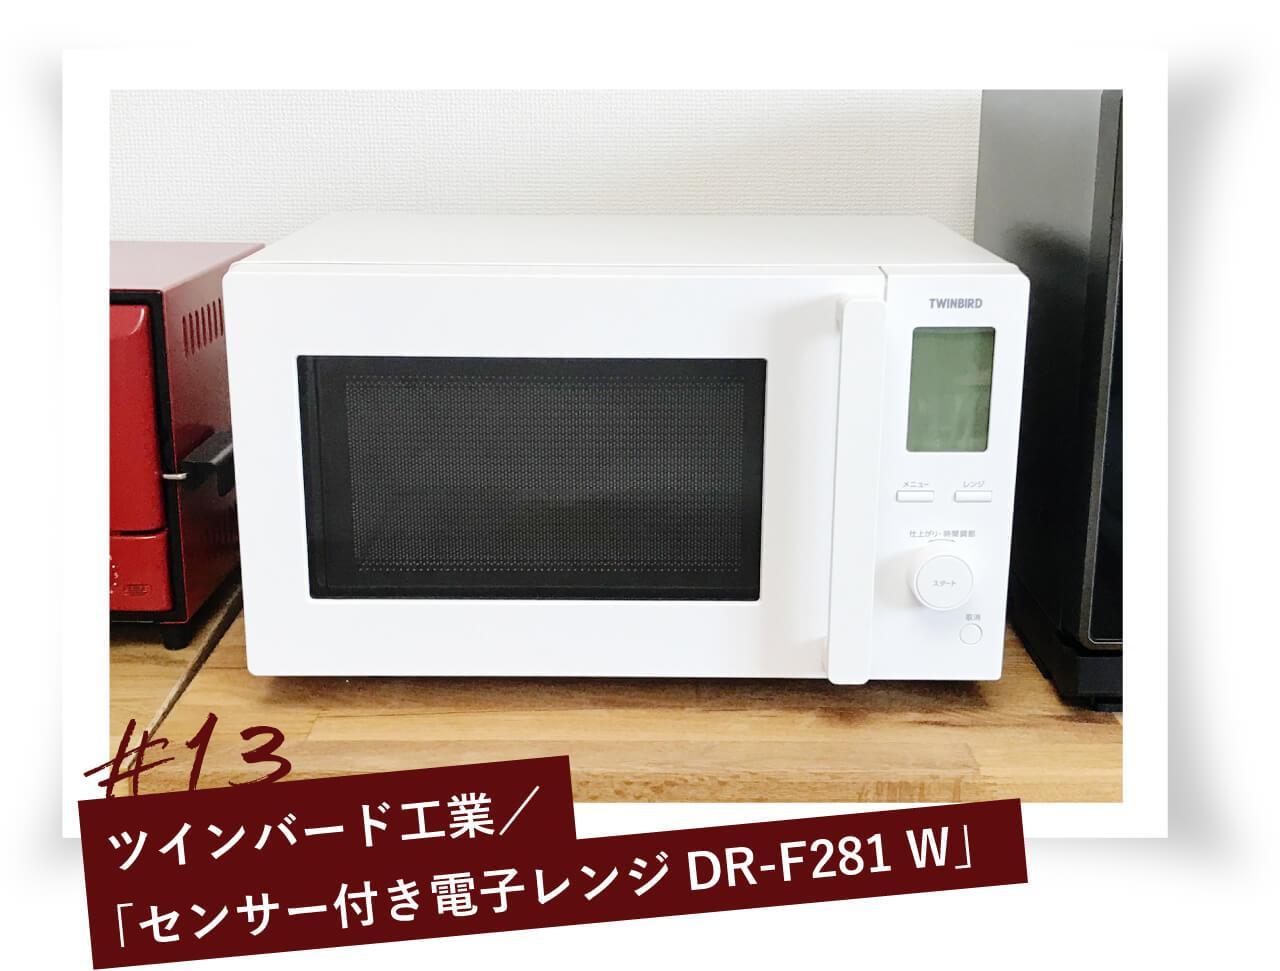 ツインバード工業「センサー付き電子レンジDR-F281 W」